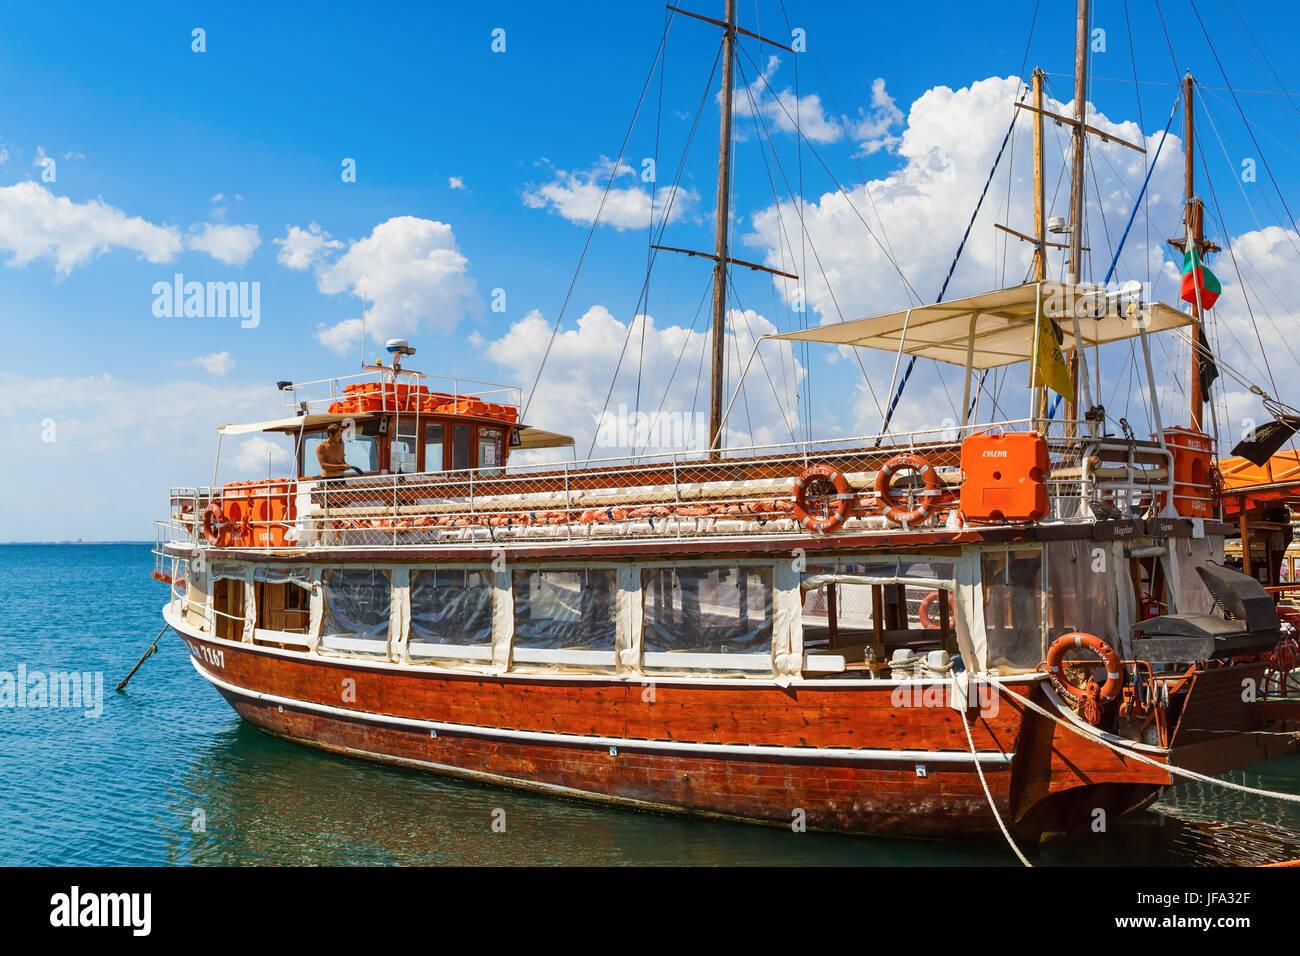 Wooden passenger ship - Stock Image